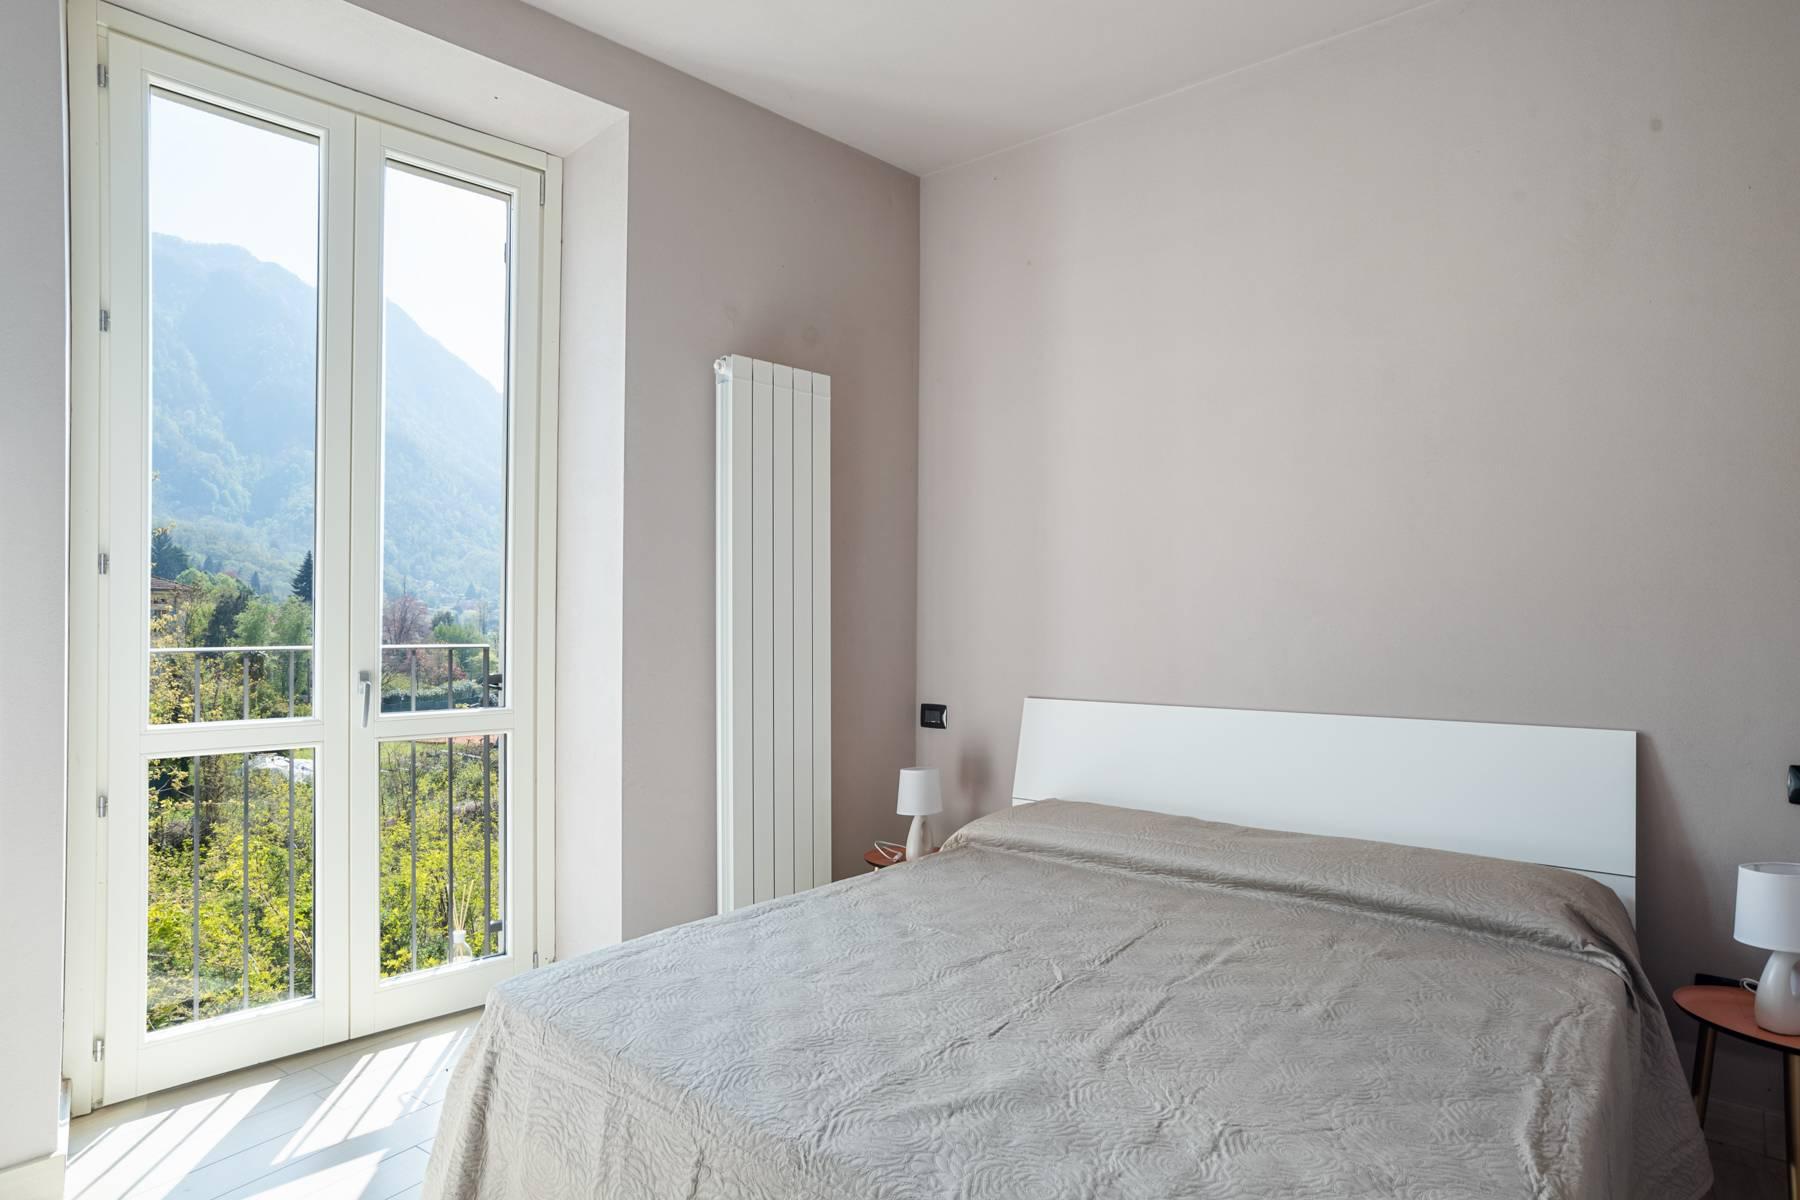 Appartamento in Vendita a Castelveccana: 3 locali, 95 mq - Foto 8